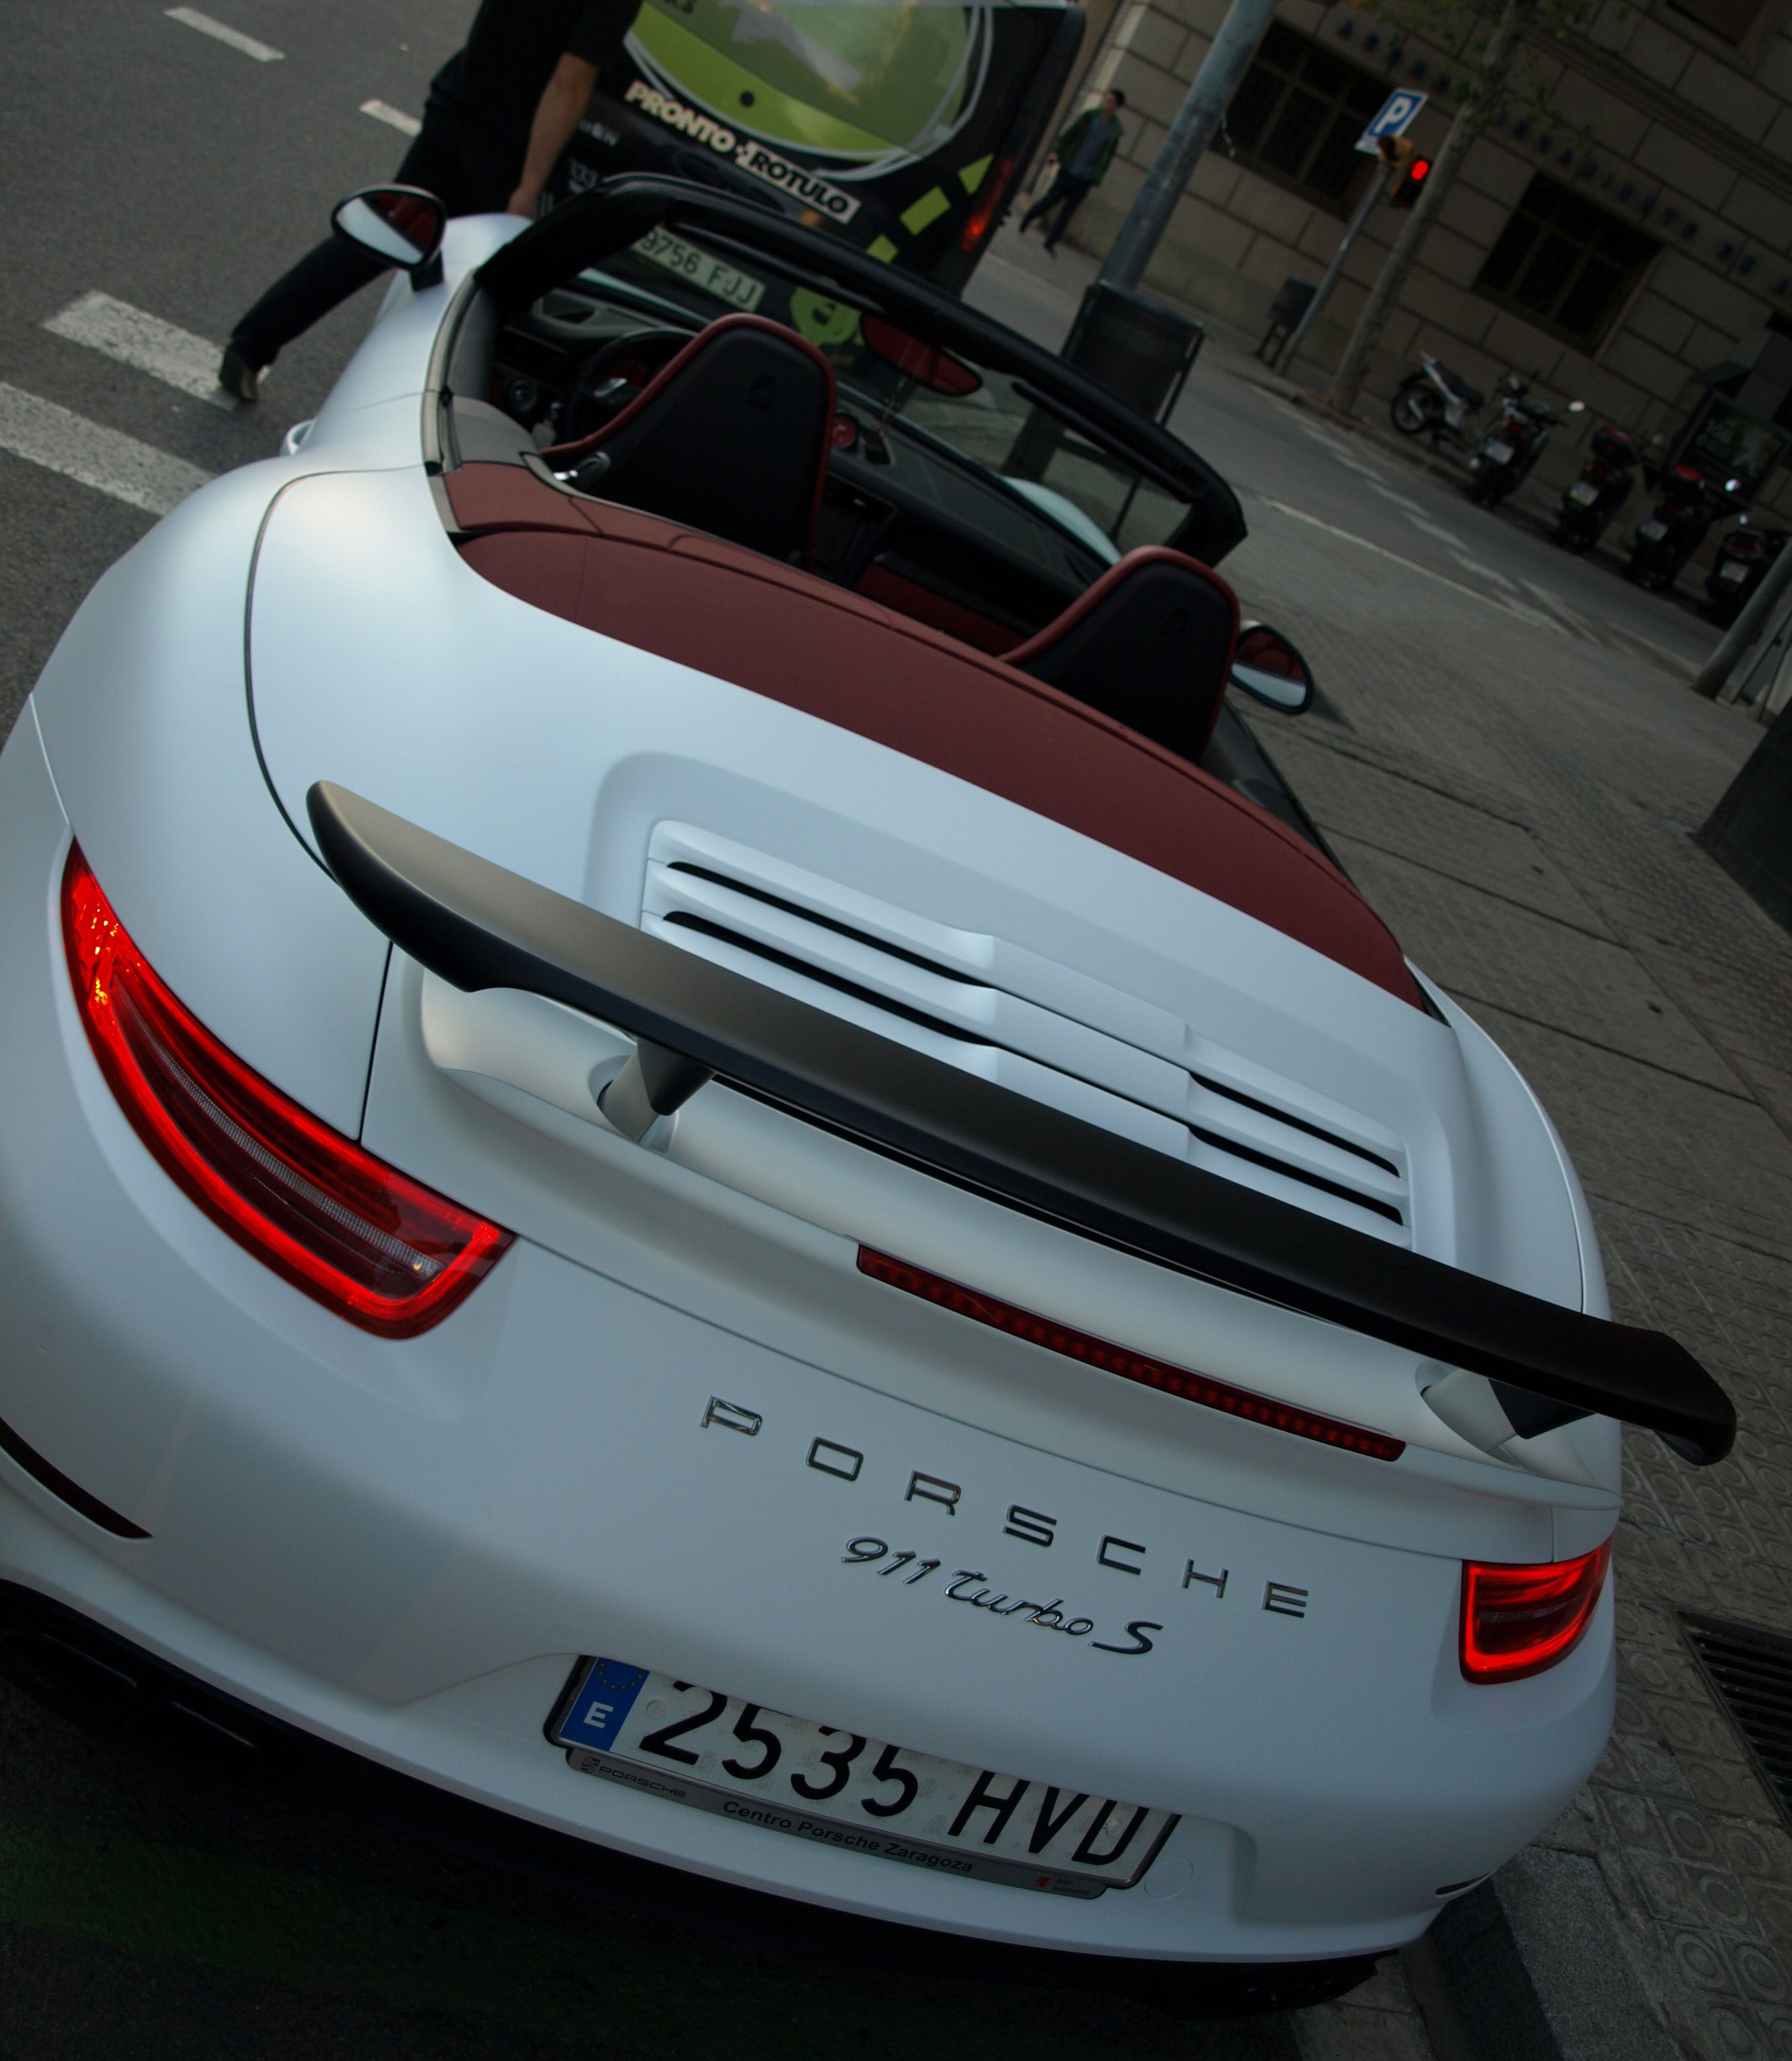 """Porsche 991 Turbo S en Blanco Brillante.., y ahora Blanco Mate! En estas fotos tienes un ejemplo de """"wrap"""" con un Porsche con color original al que lo hemos llevado a un integral en vinilo Blanco Mate MacTac Tuning Film gama alta especial para wrap. Además tiene detalles como espejos, spoiler delantero, alerón trasero y hasta las llantas en Vinilo Negro Mate.  + info en http://www.prontorotulo.com/ + info en https://www.facebook.com/prontorotulo + info en https://www.twitter.com/prontorotulo"""